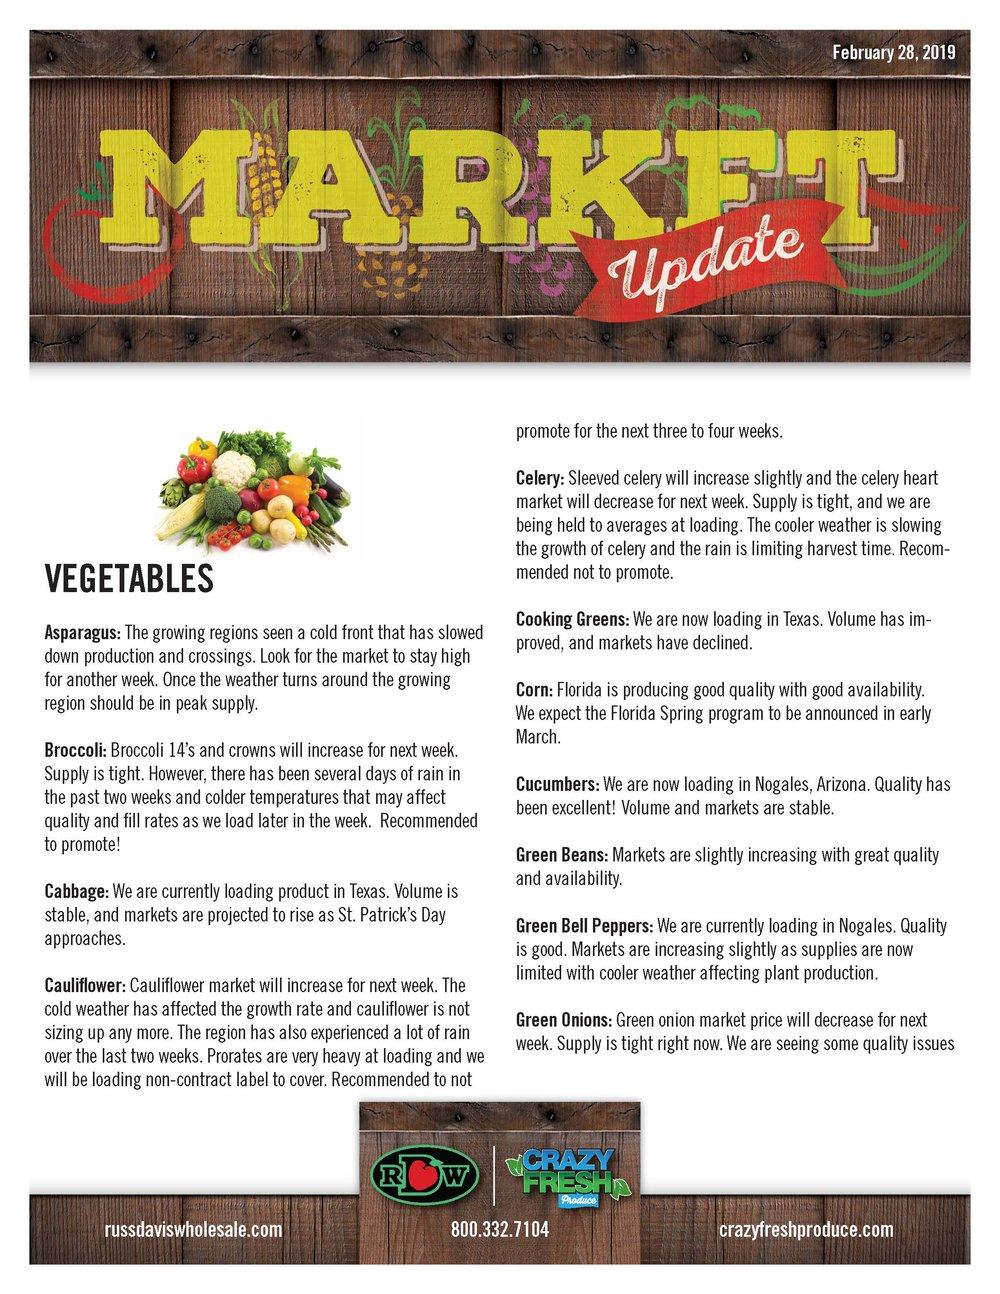 RDW_Market_Update_Feb28_19_Page_1.jpg